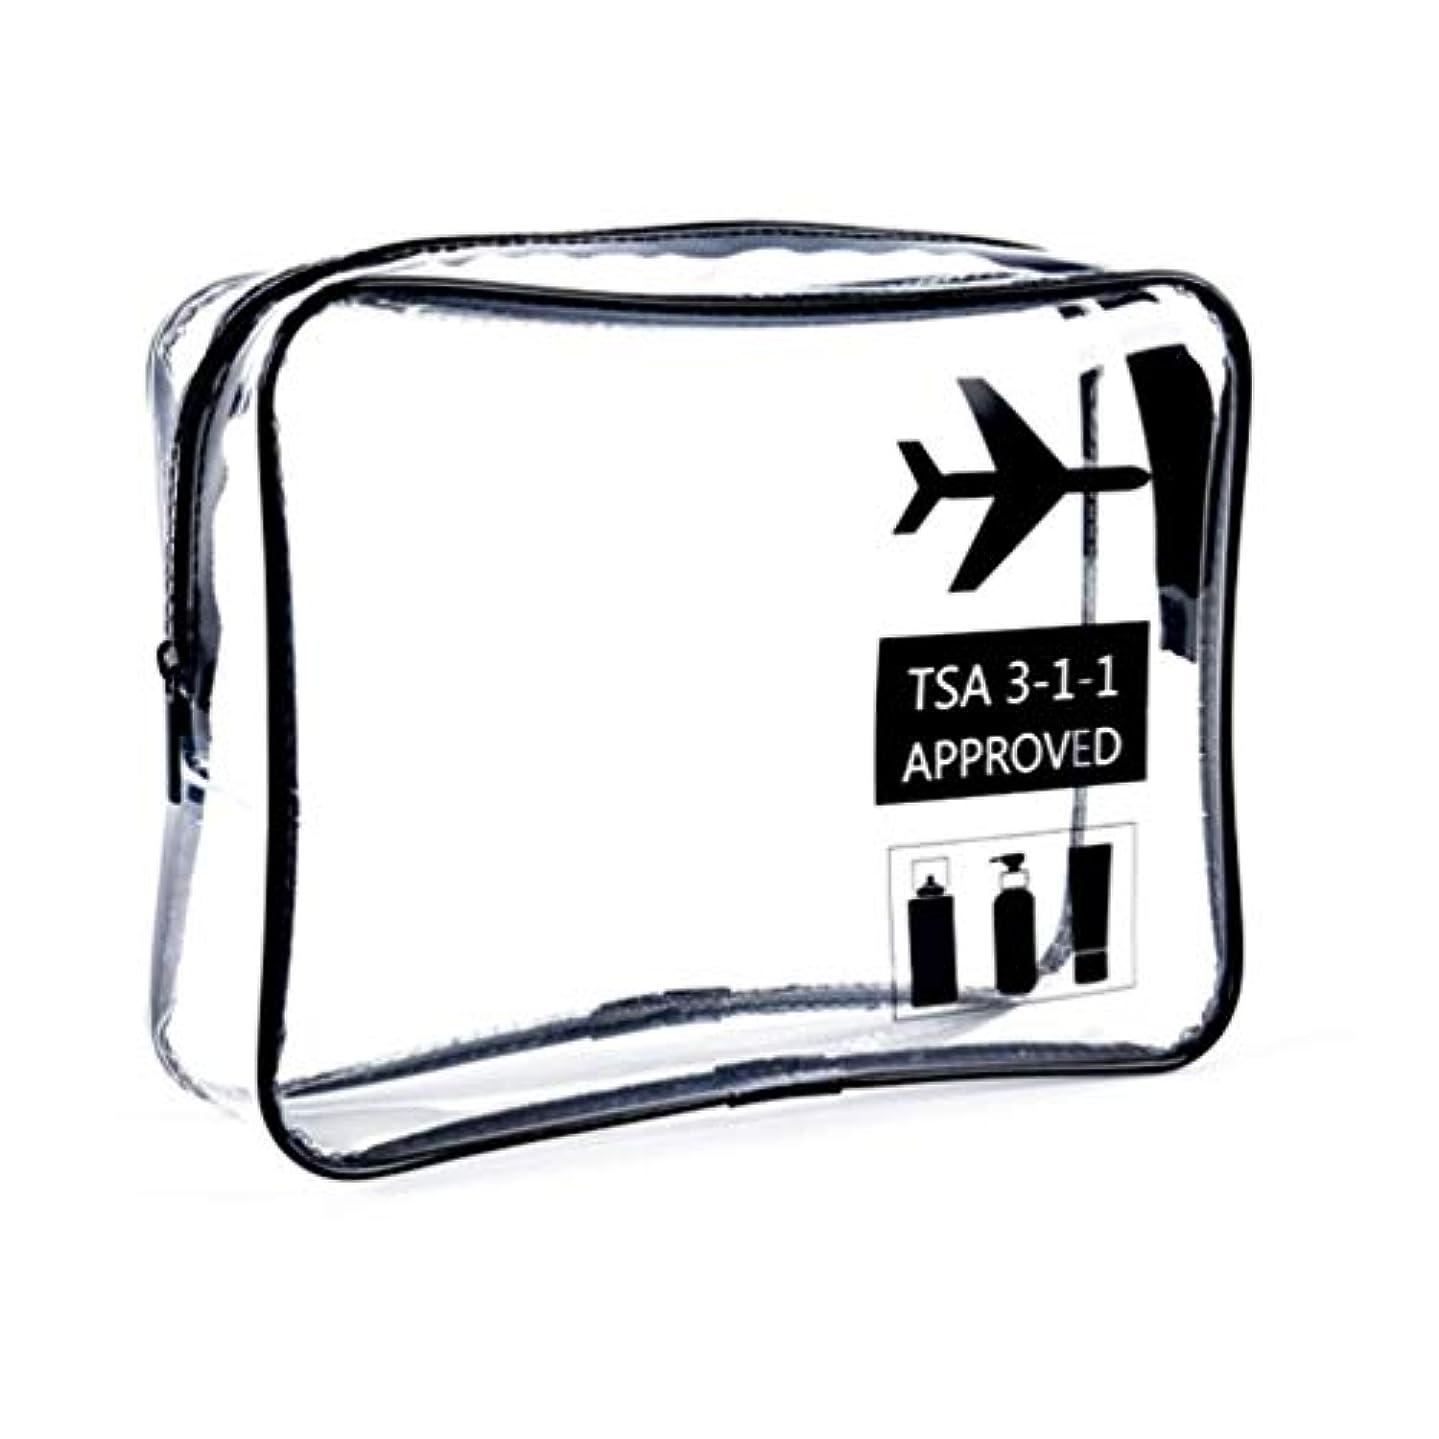 測るポイントとらえどころのない明確な化粧袋、ジッパー旅行貯蔵袋の化粧品の箱が付いている携帯用防水化粧品袋